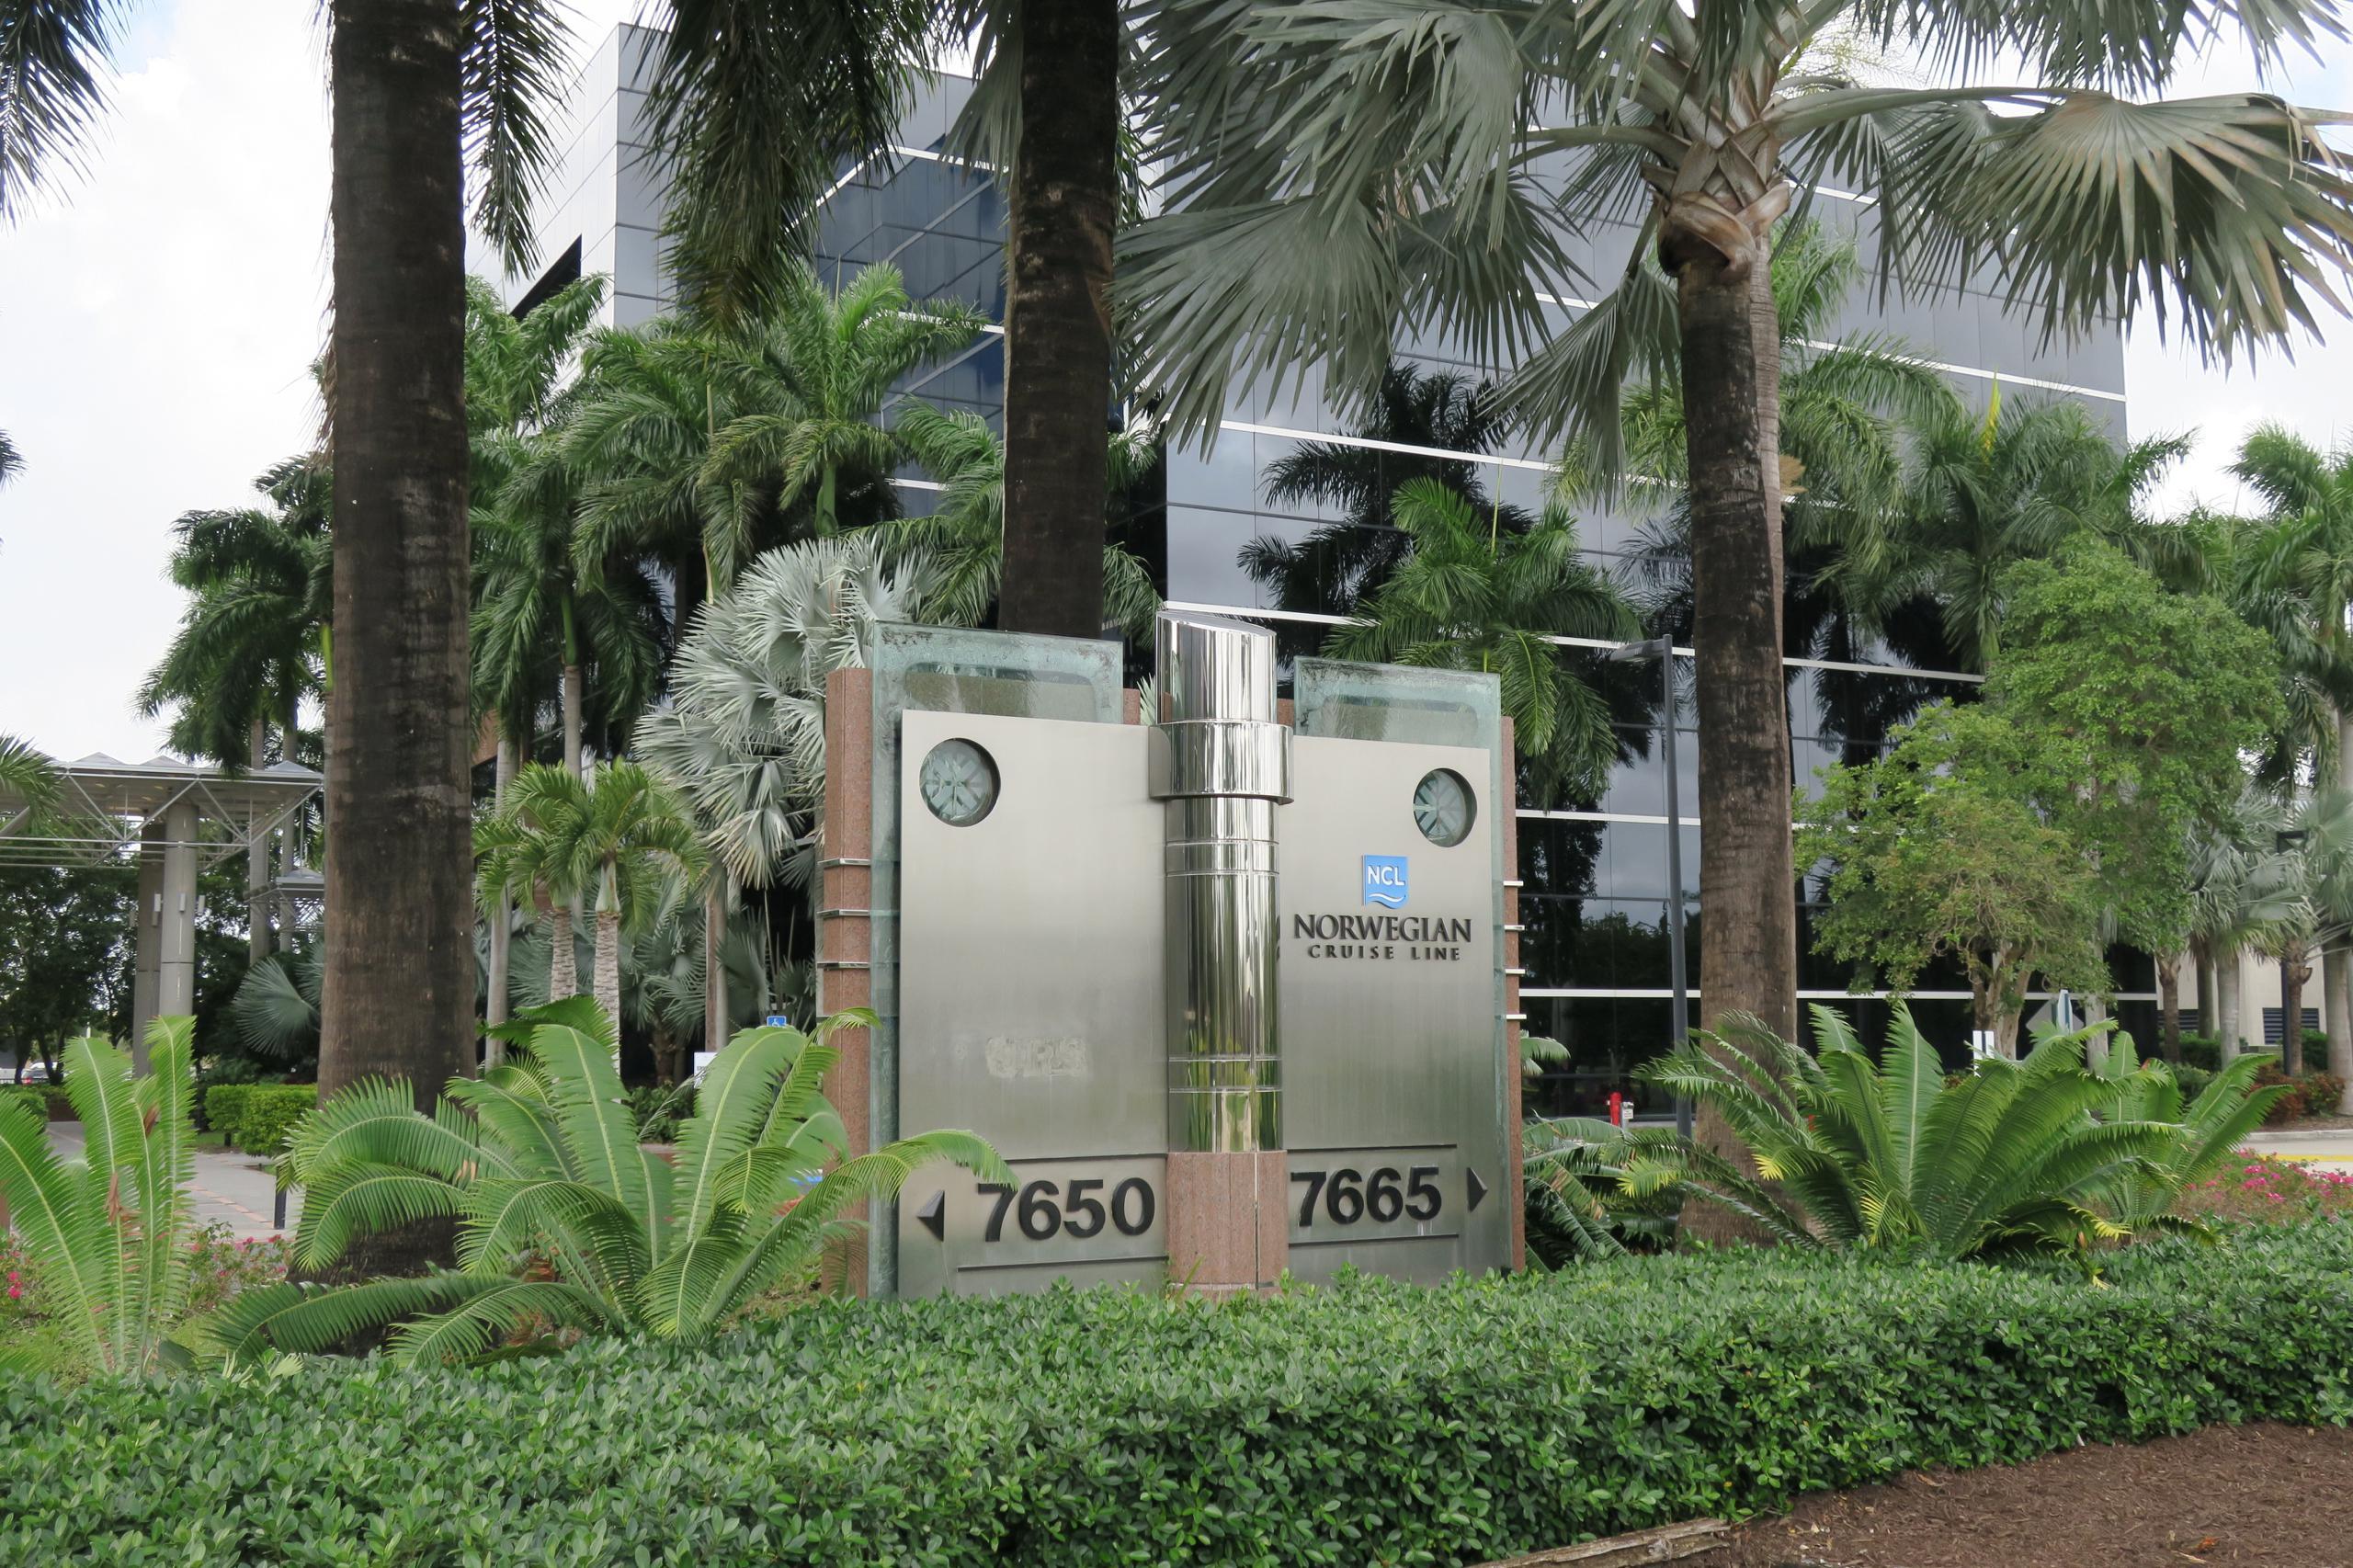 Norwegian Cruise Line's corporate headquarters in Miami, Florida.